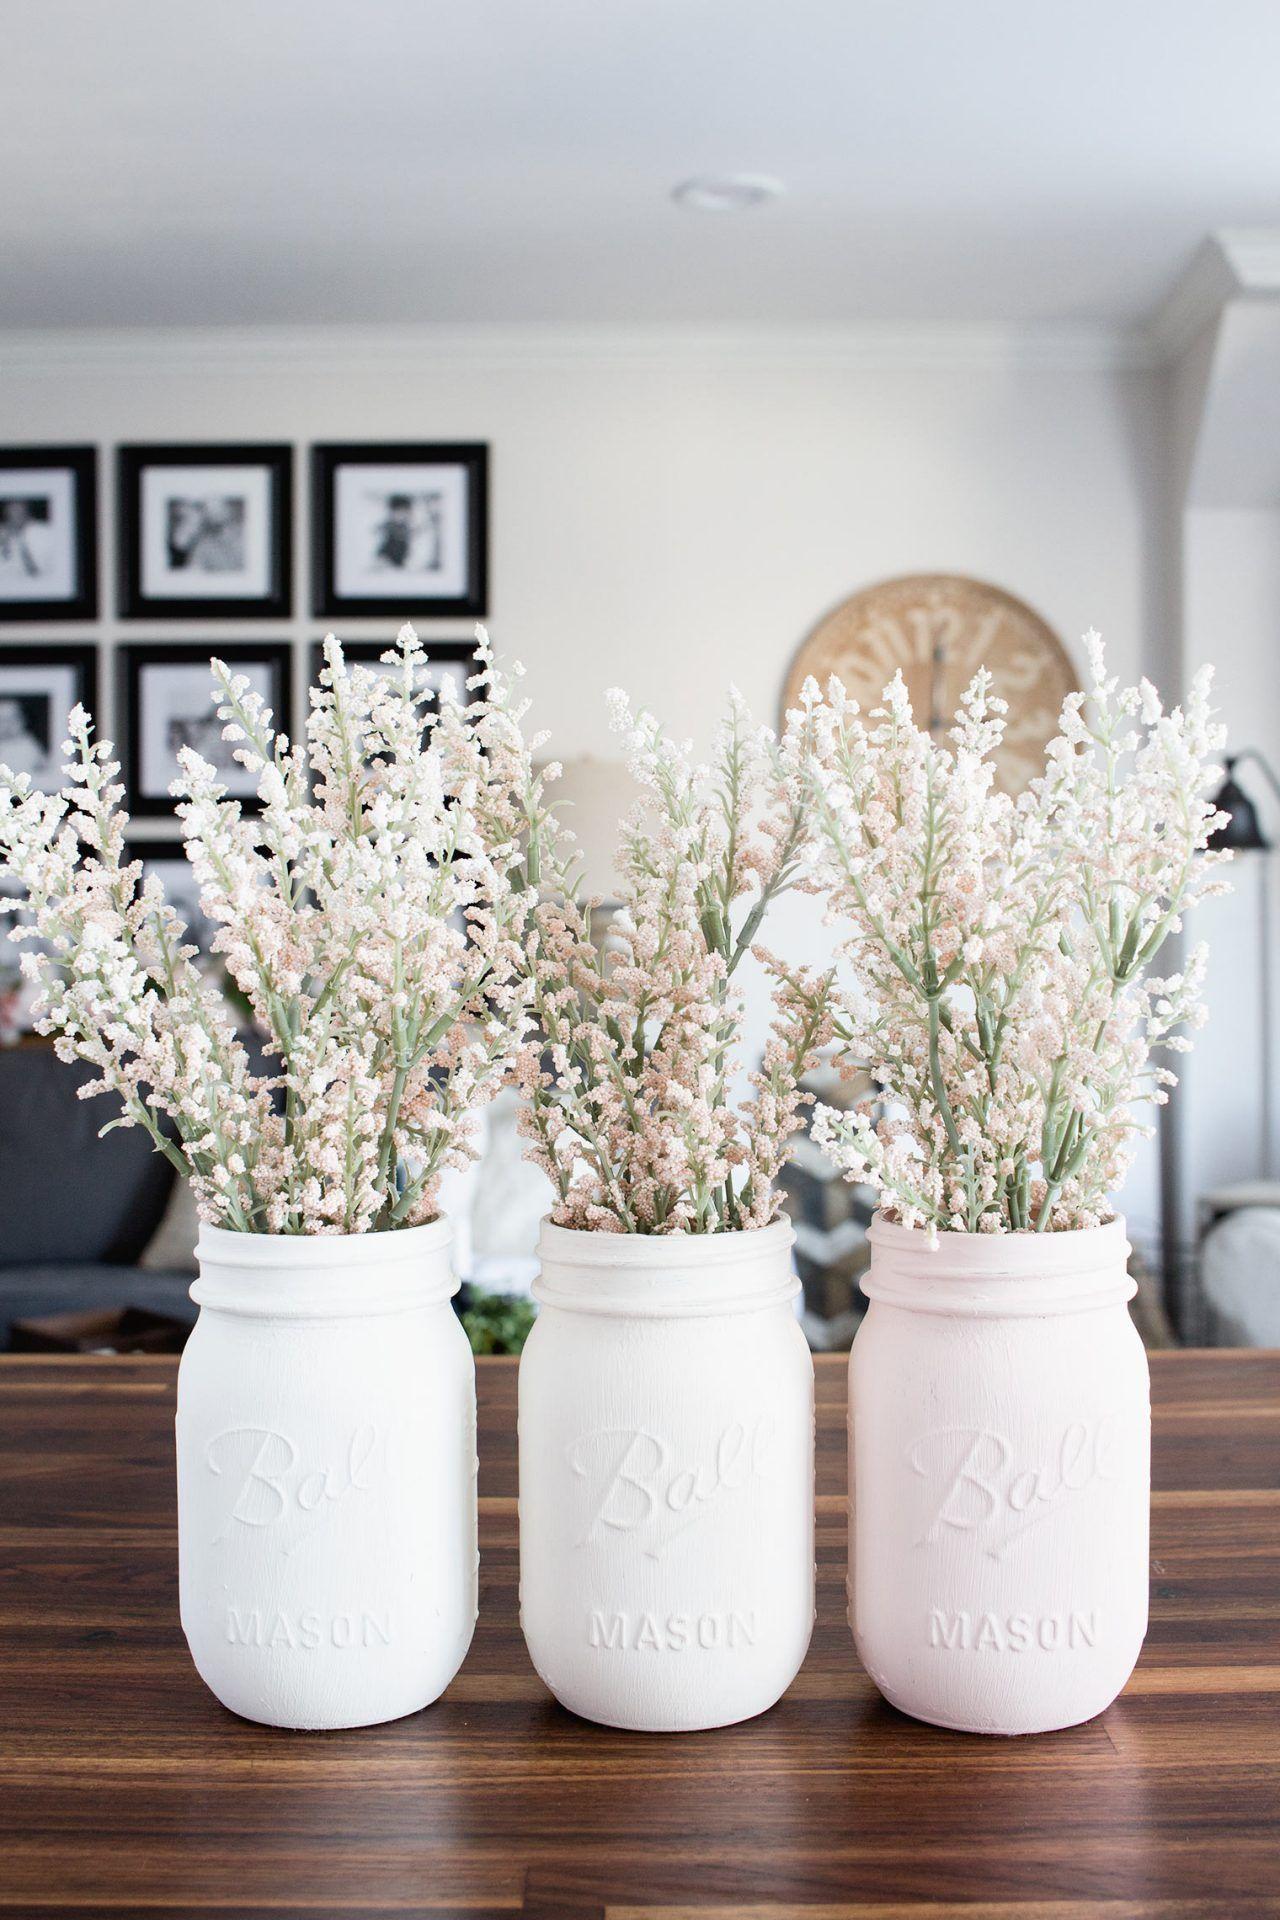 50 besten DIY rustikalen Bauernhaus Dekor Ideen für Ihr Zuhause #masonjardecorating